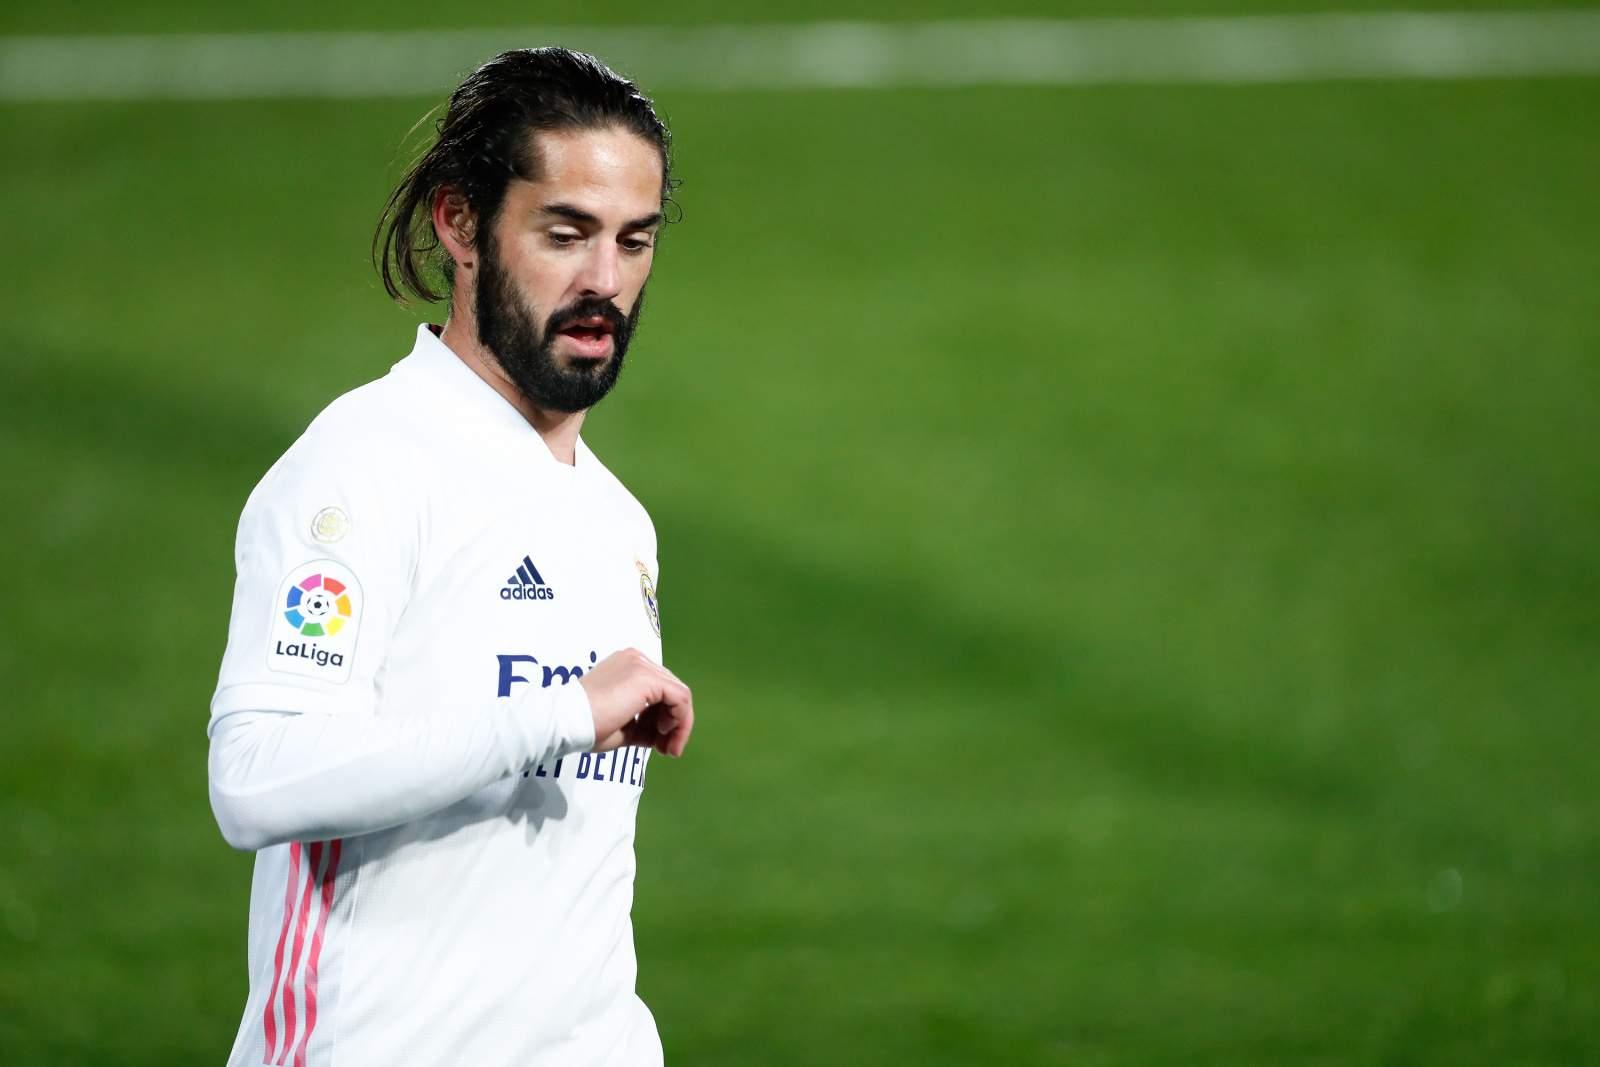 Иско может уйти из «Реала» из-за конфликта с Рамосом